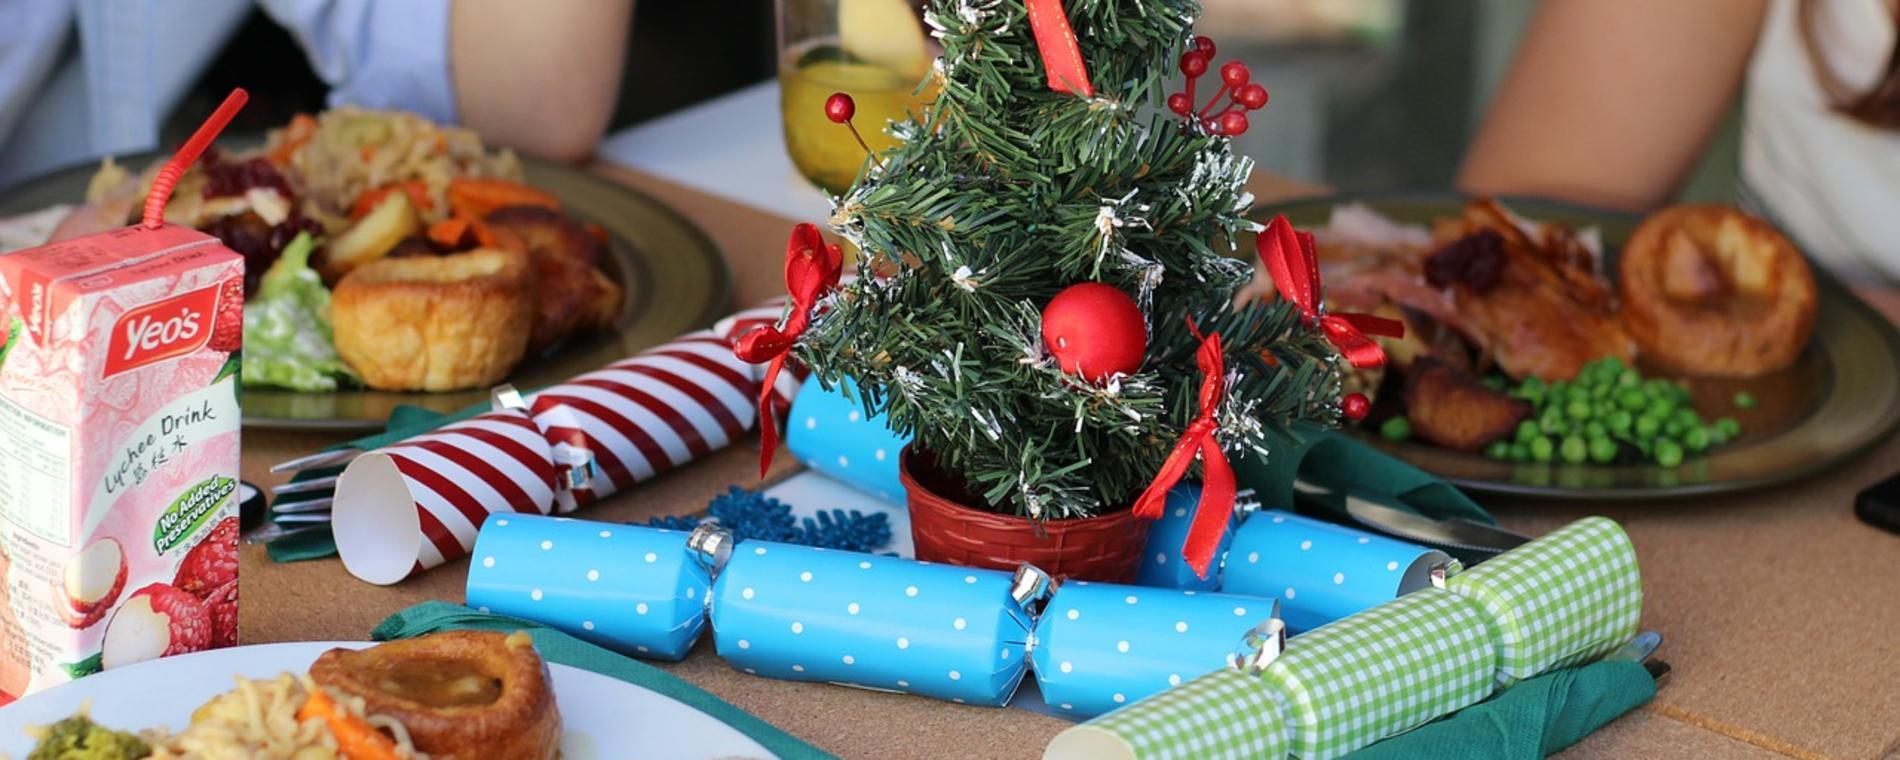 Christmas Eve Restaurants 2020 Wichita Ks Holiday Meals in Wichita KS | Christmas in Wichita